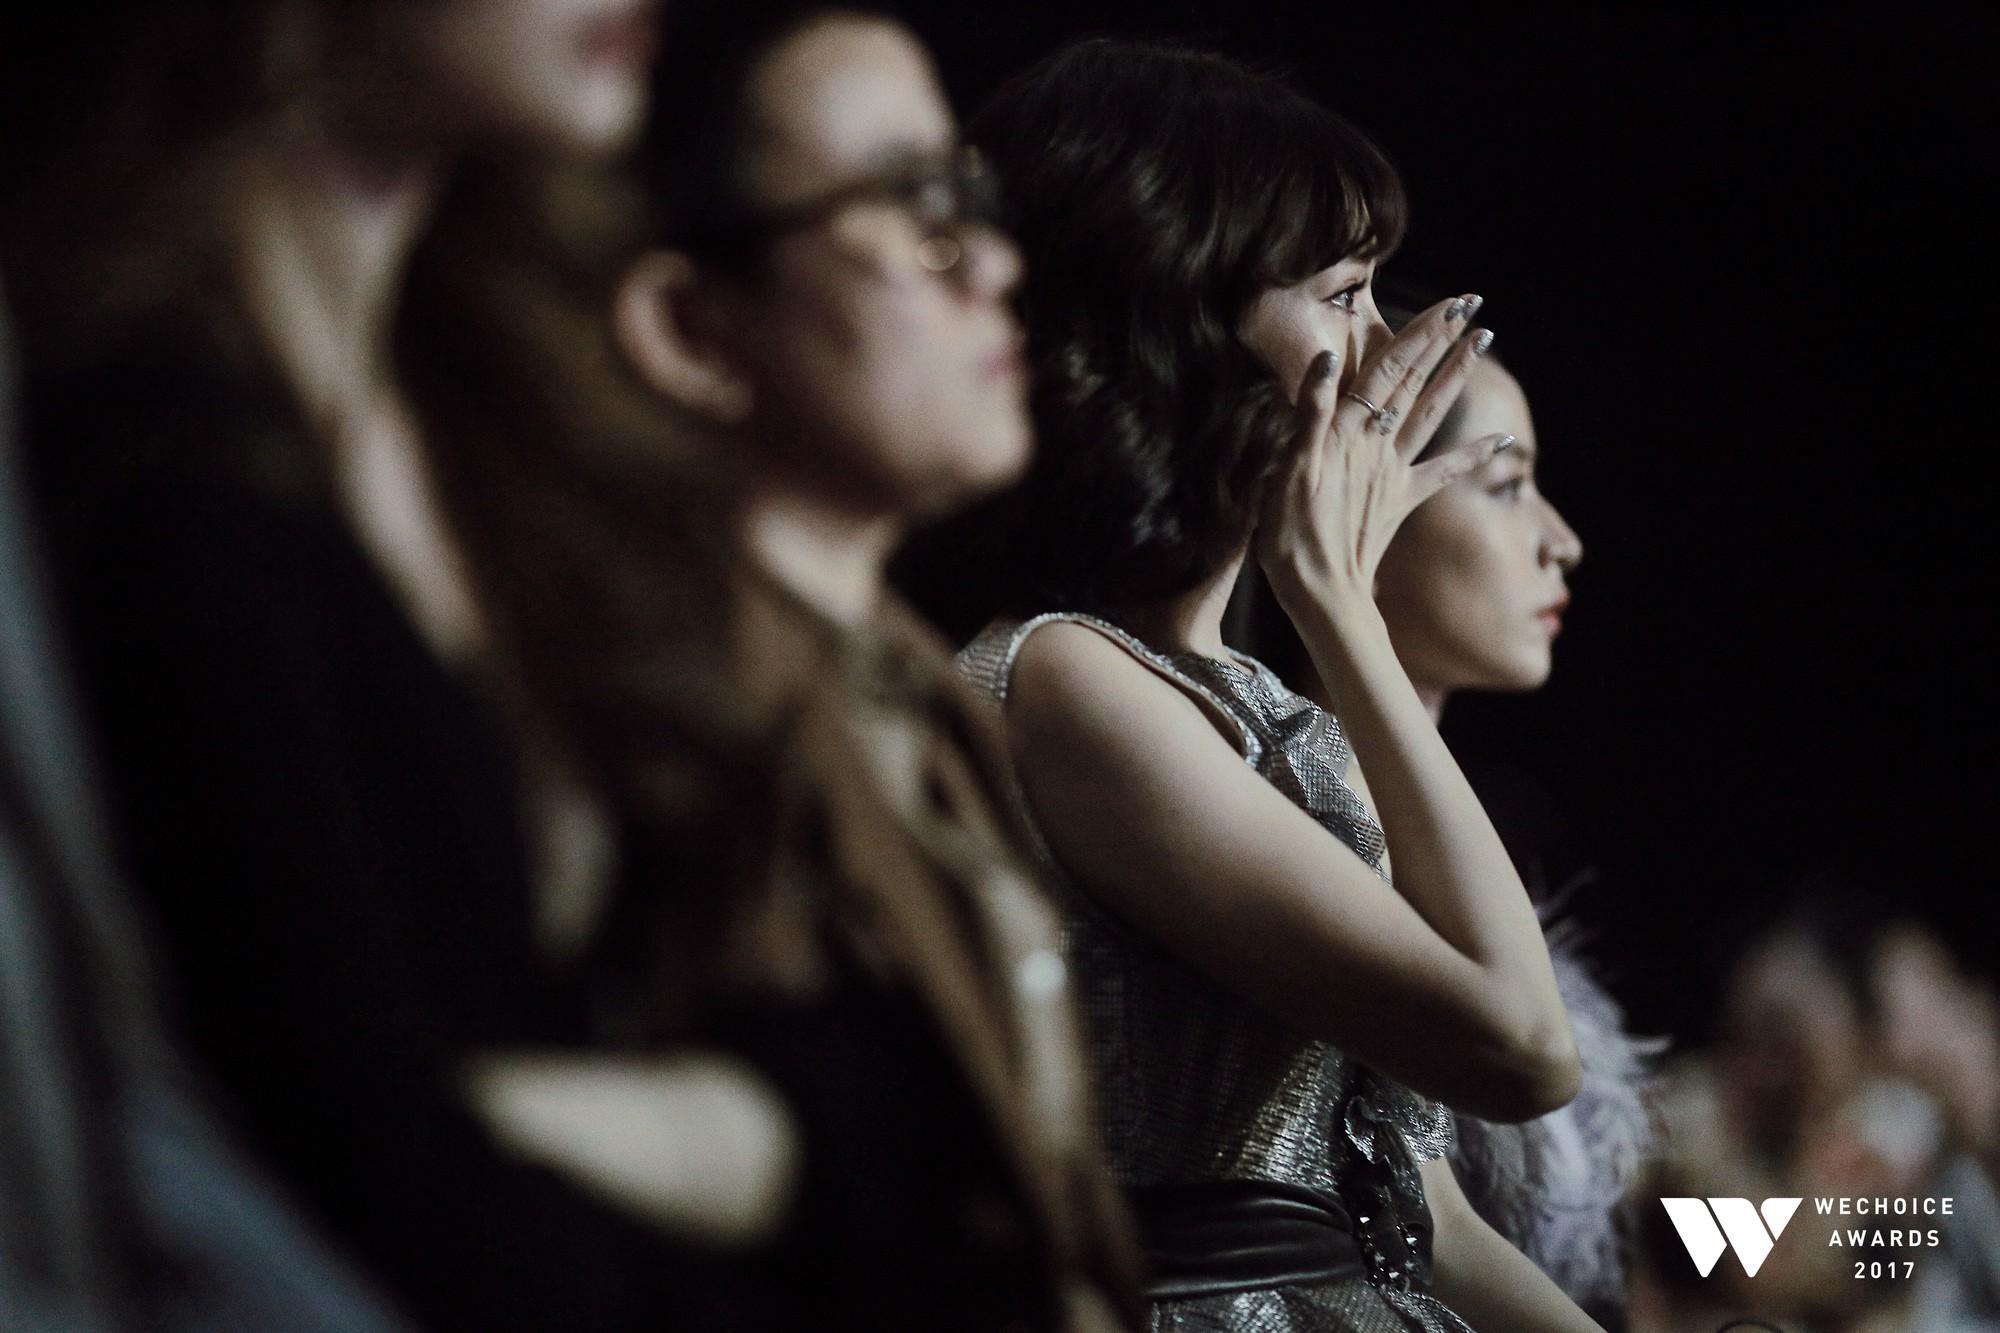 Khoảnh khắc WeChoice Awards: Đẹp nhất là khi Sơn Tùng, bé Bôm và các nghệ sĩ Việt cùng chậm lại trong dòng cảm xúc vỡ òa - Ảnh 35.